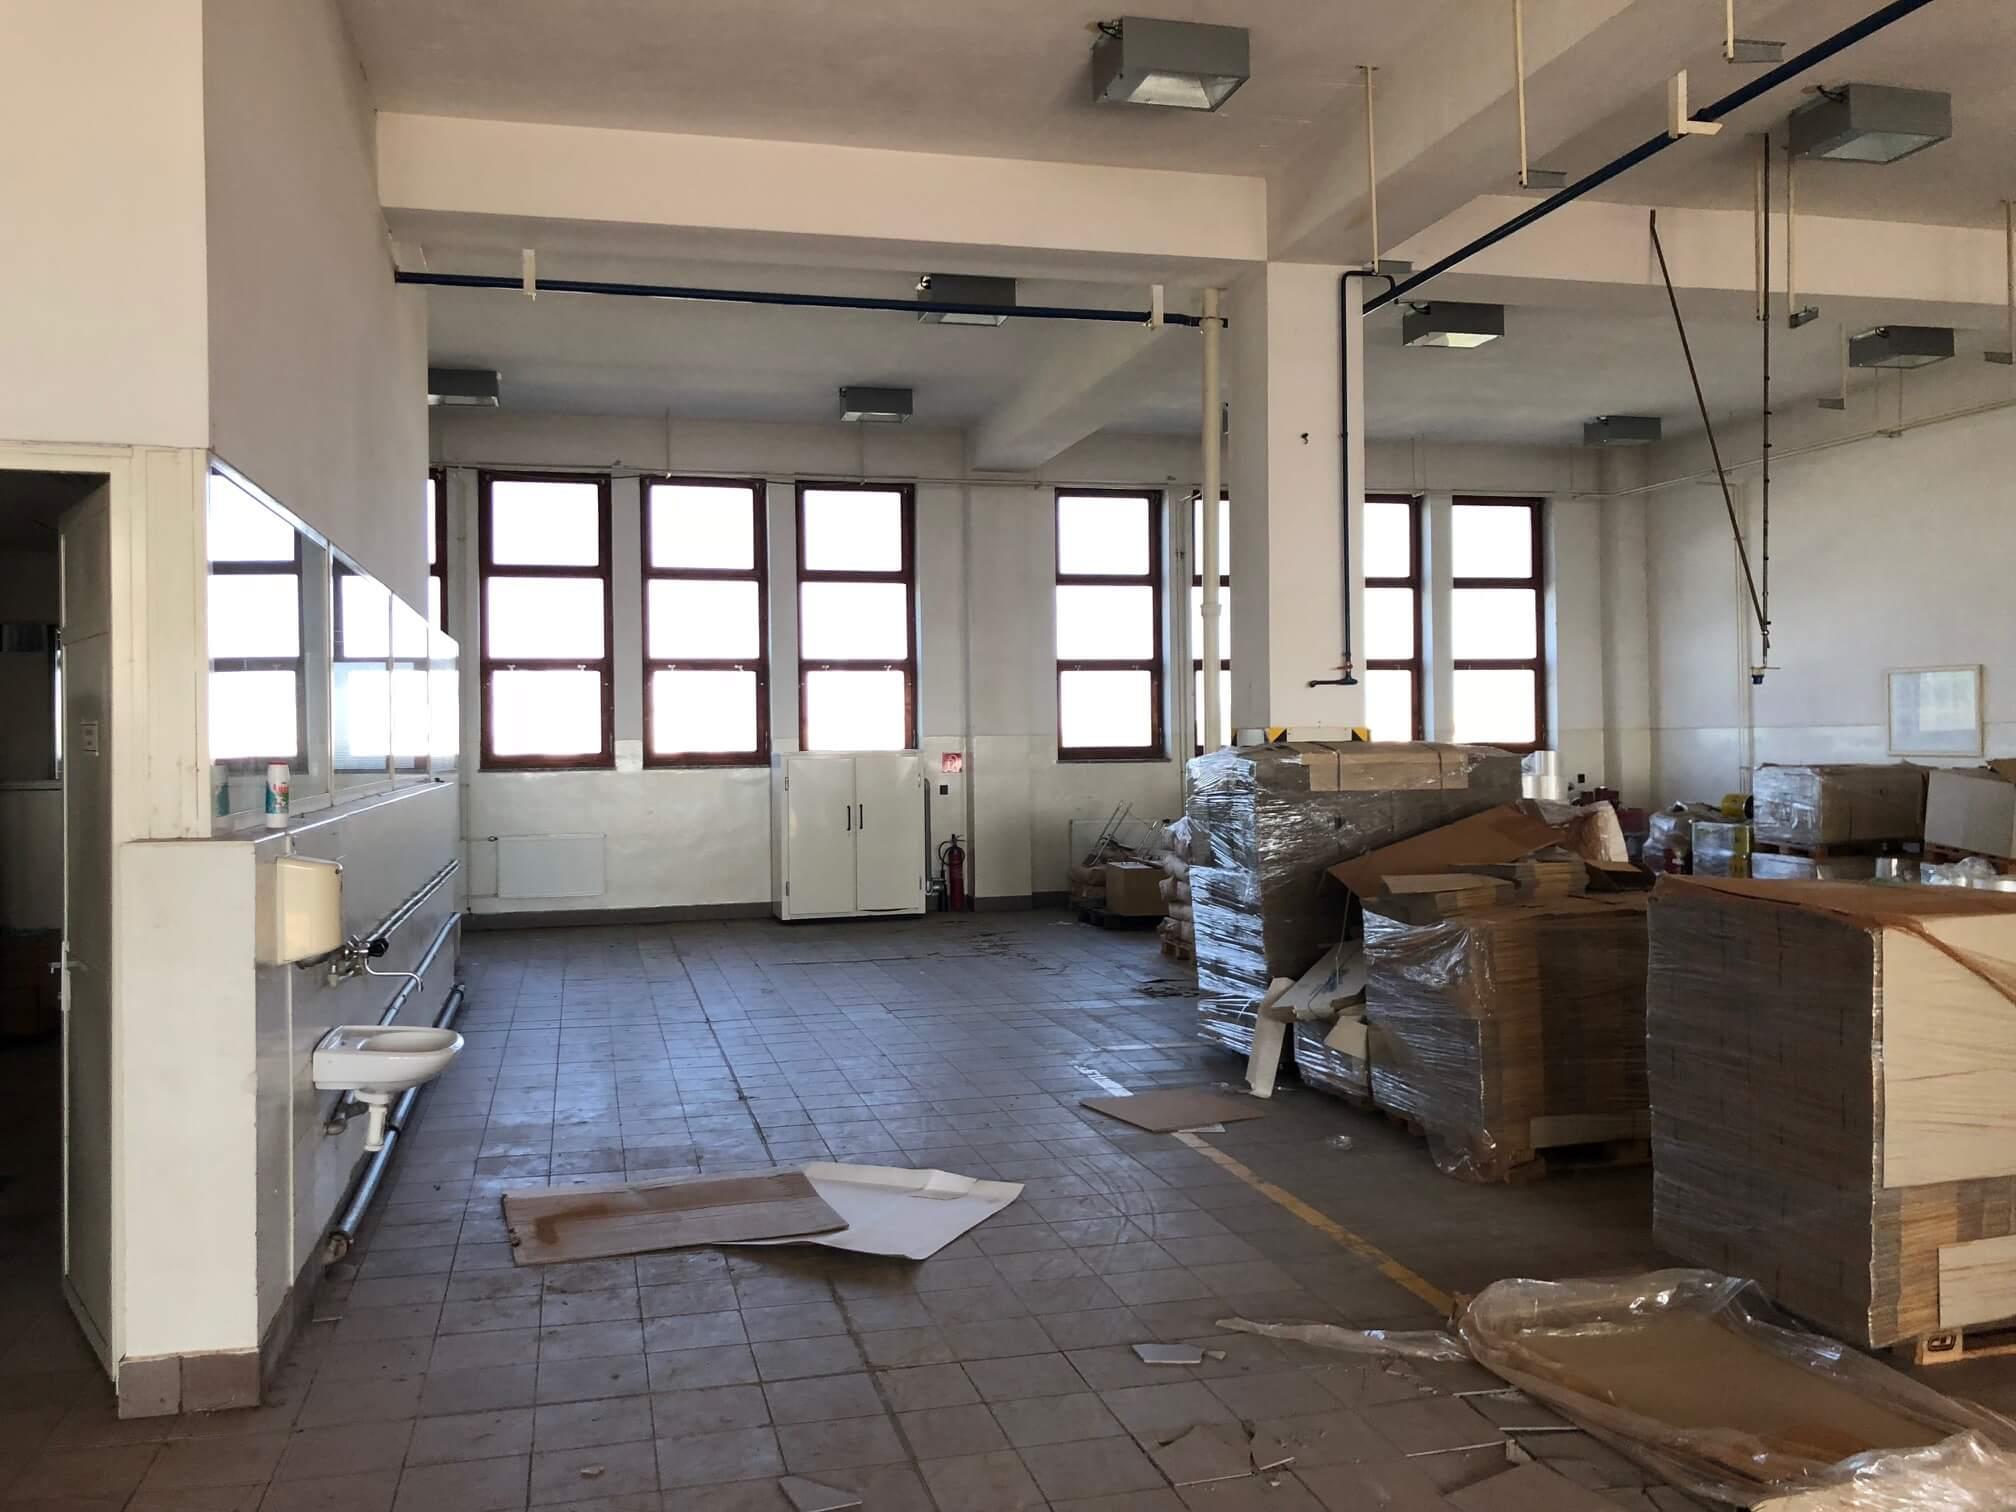 Na prenájom Budova skladov a výrobne v Dunajskej Strede, Drevárska, pozemok 2272m2, spolu 4 podlažia 4767m2-7